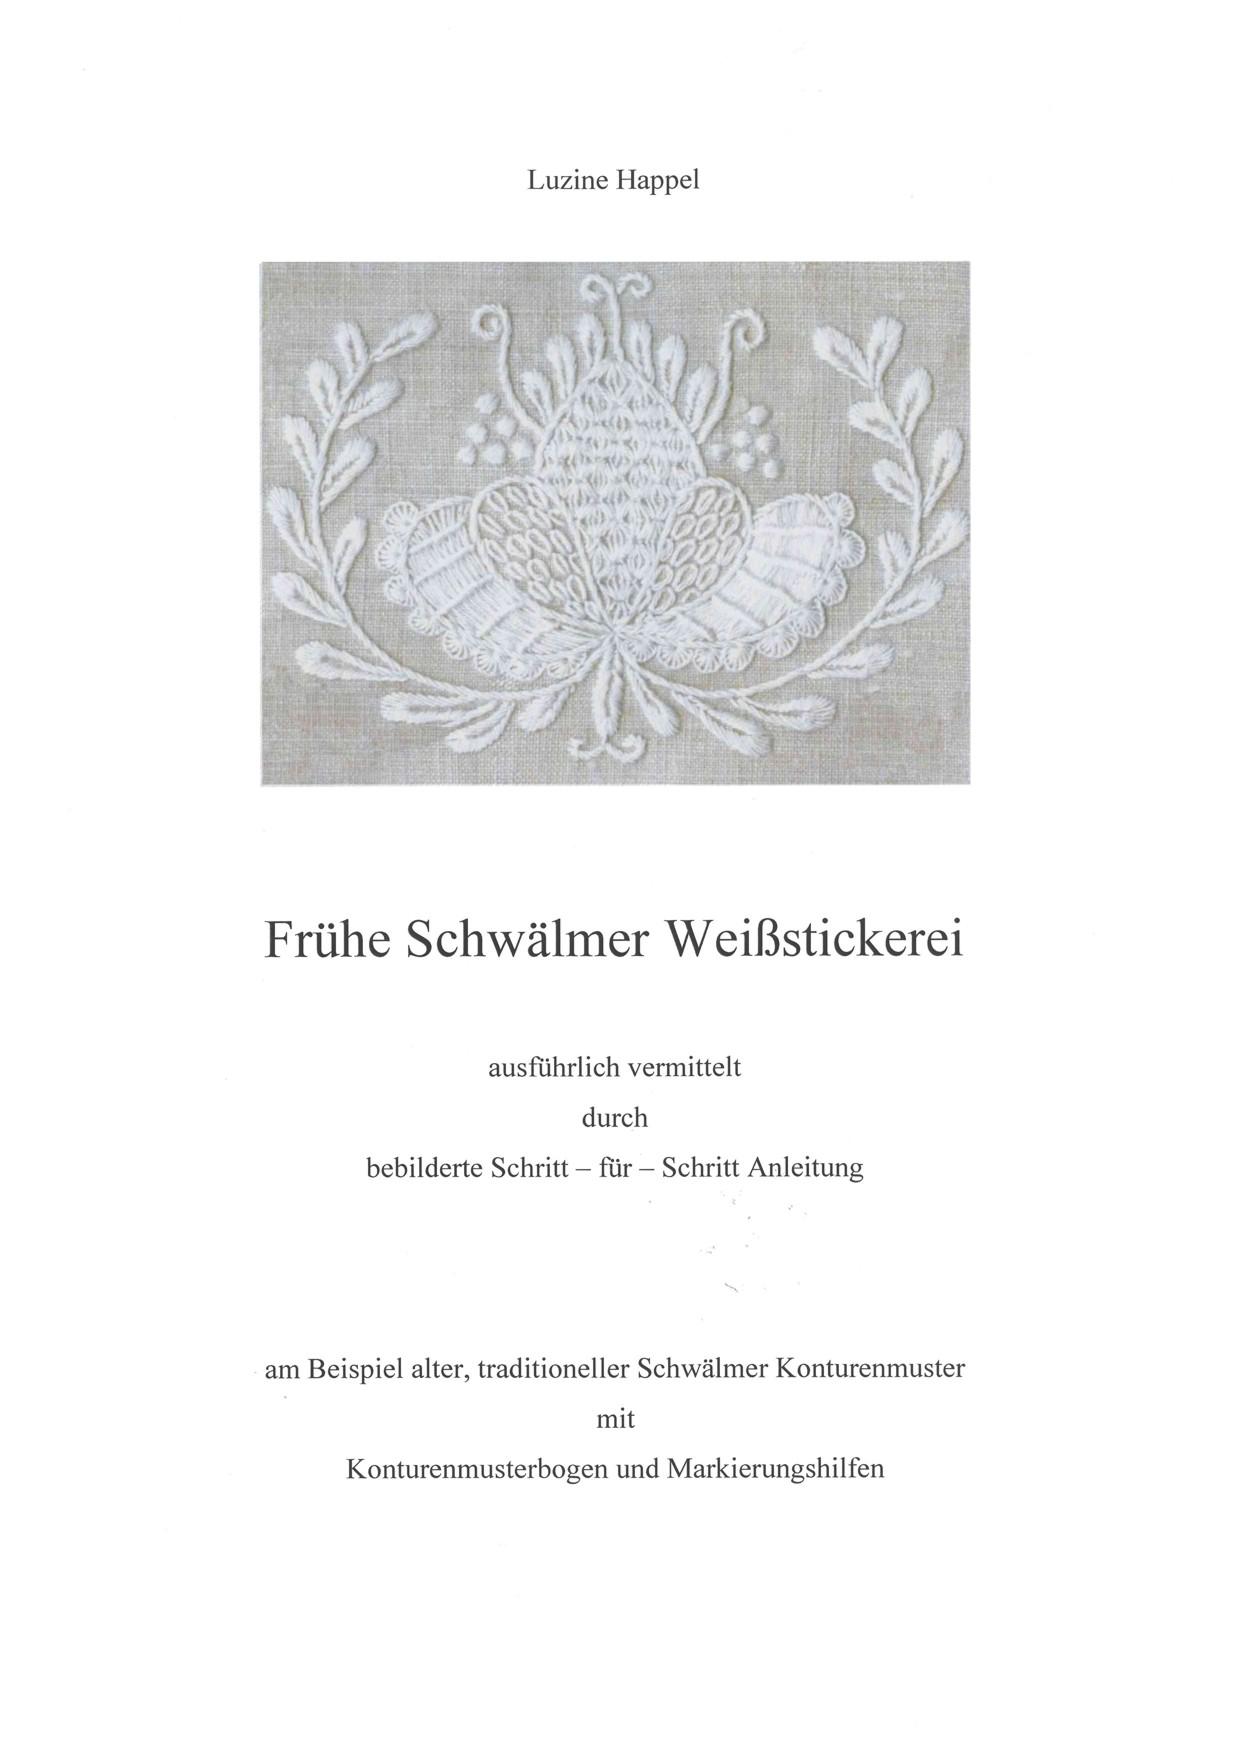 Frühe Schwaelmer Weißstickerei 1 / 7